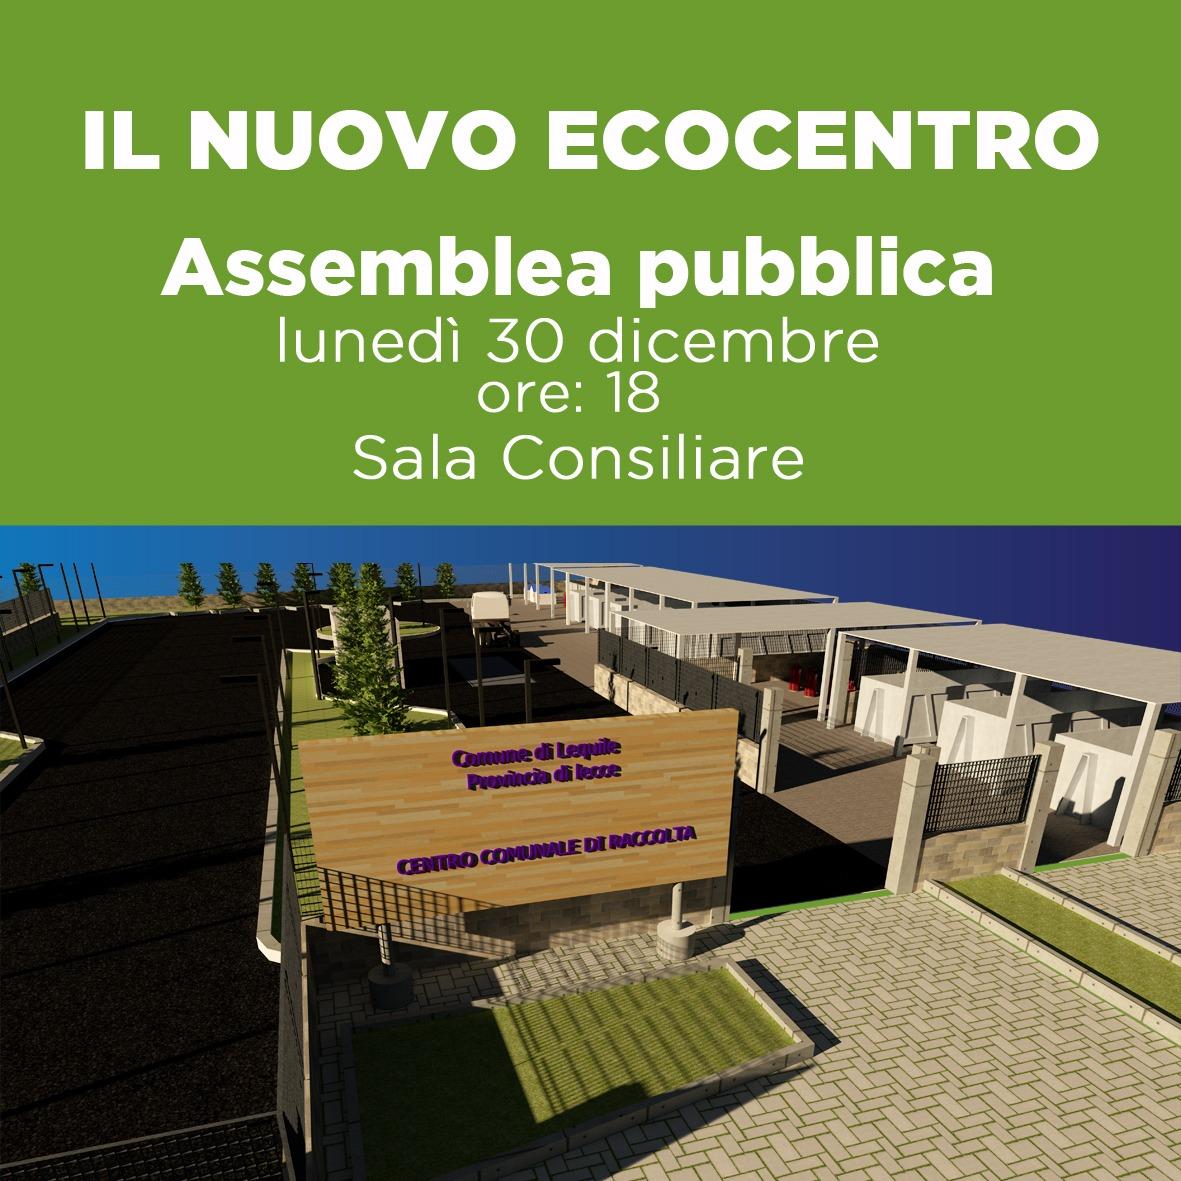 Comune Di Lequilenuovo Ecocentro Assemblea Pubblica Lunedì